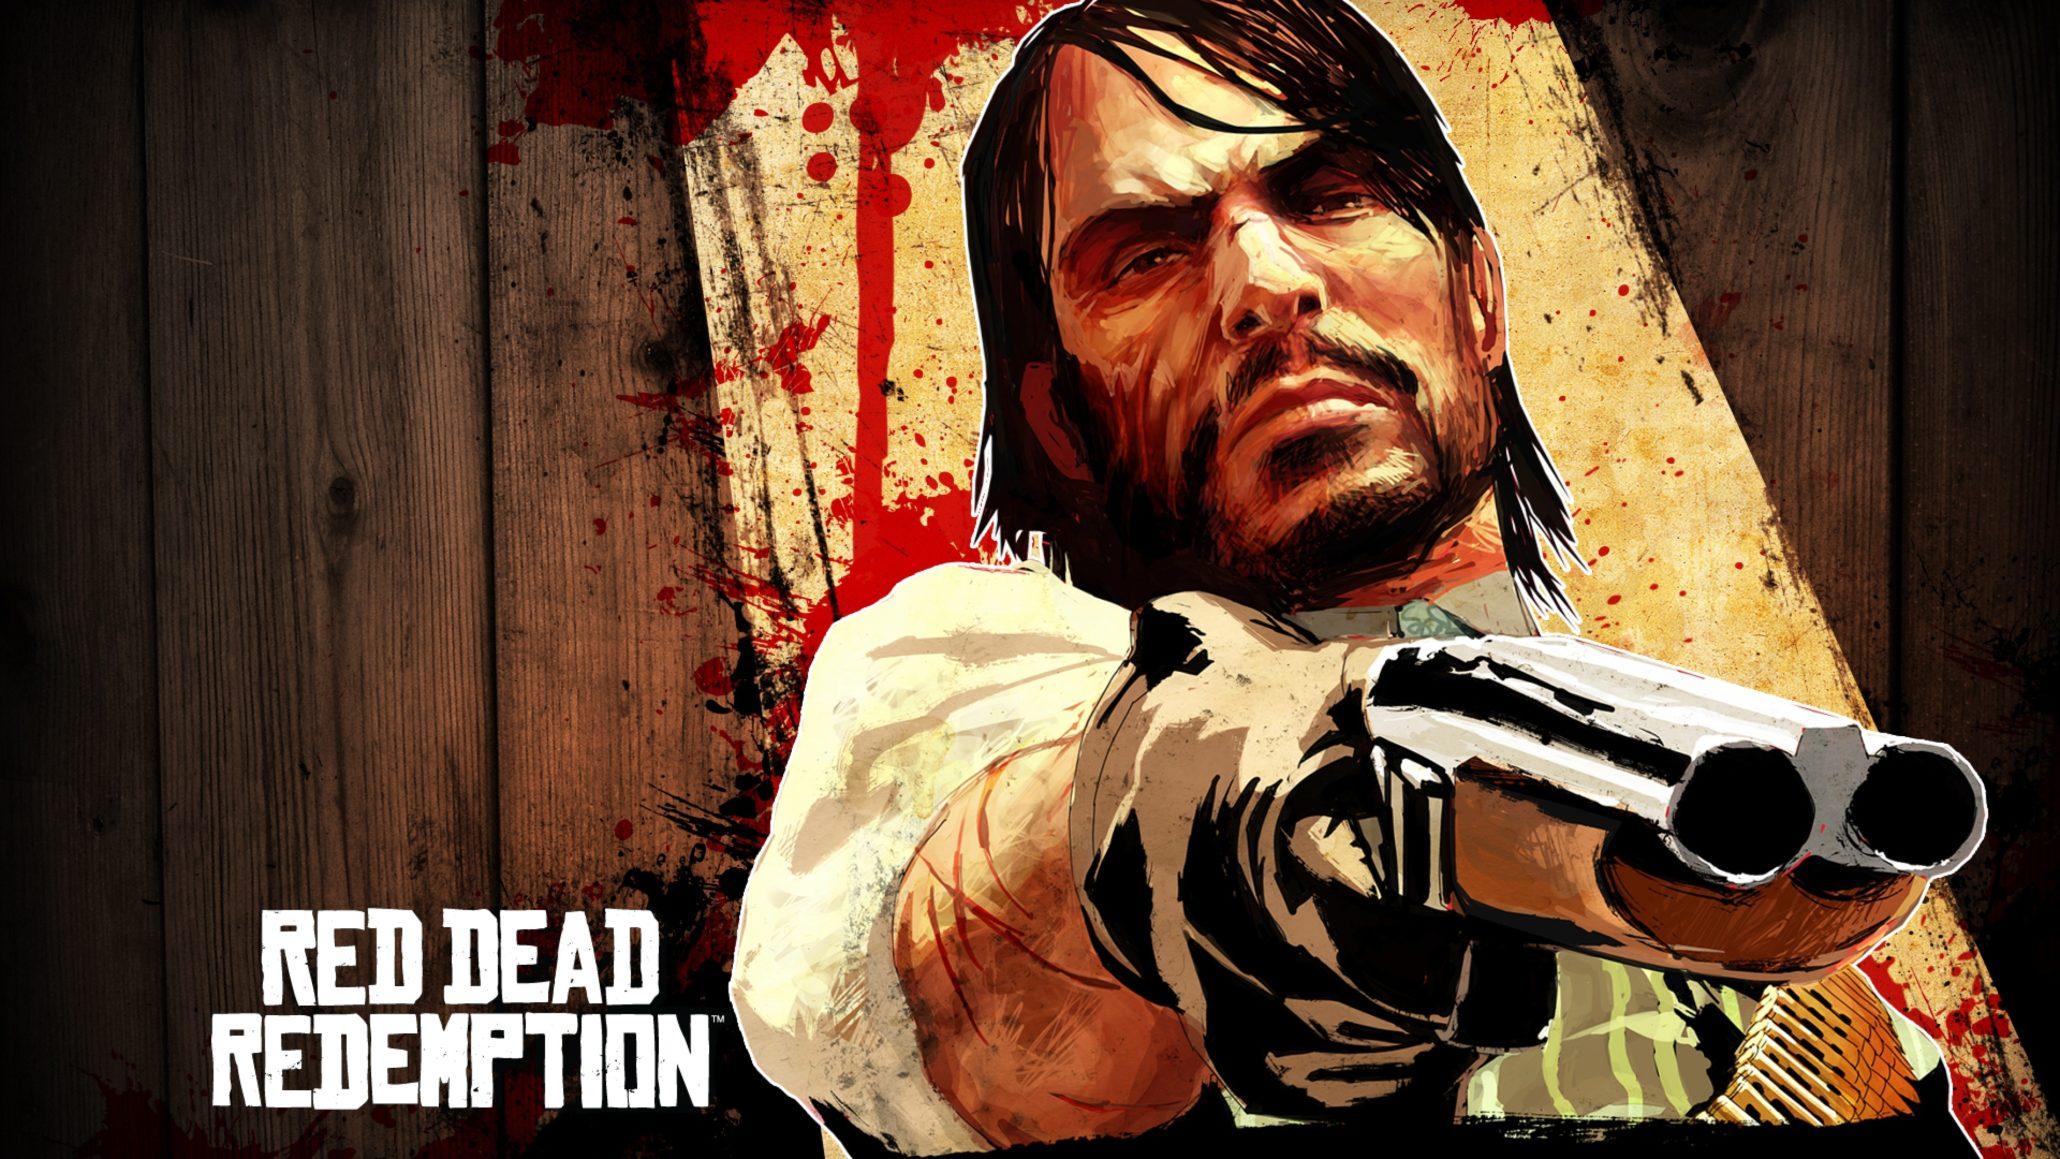 Read Dead Redemption ya puede ser jugado en PC gracias a RPCS3